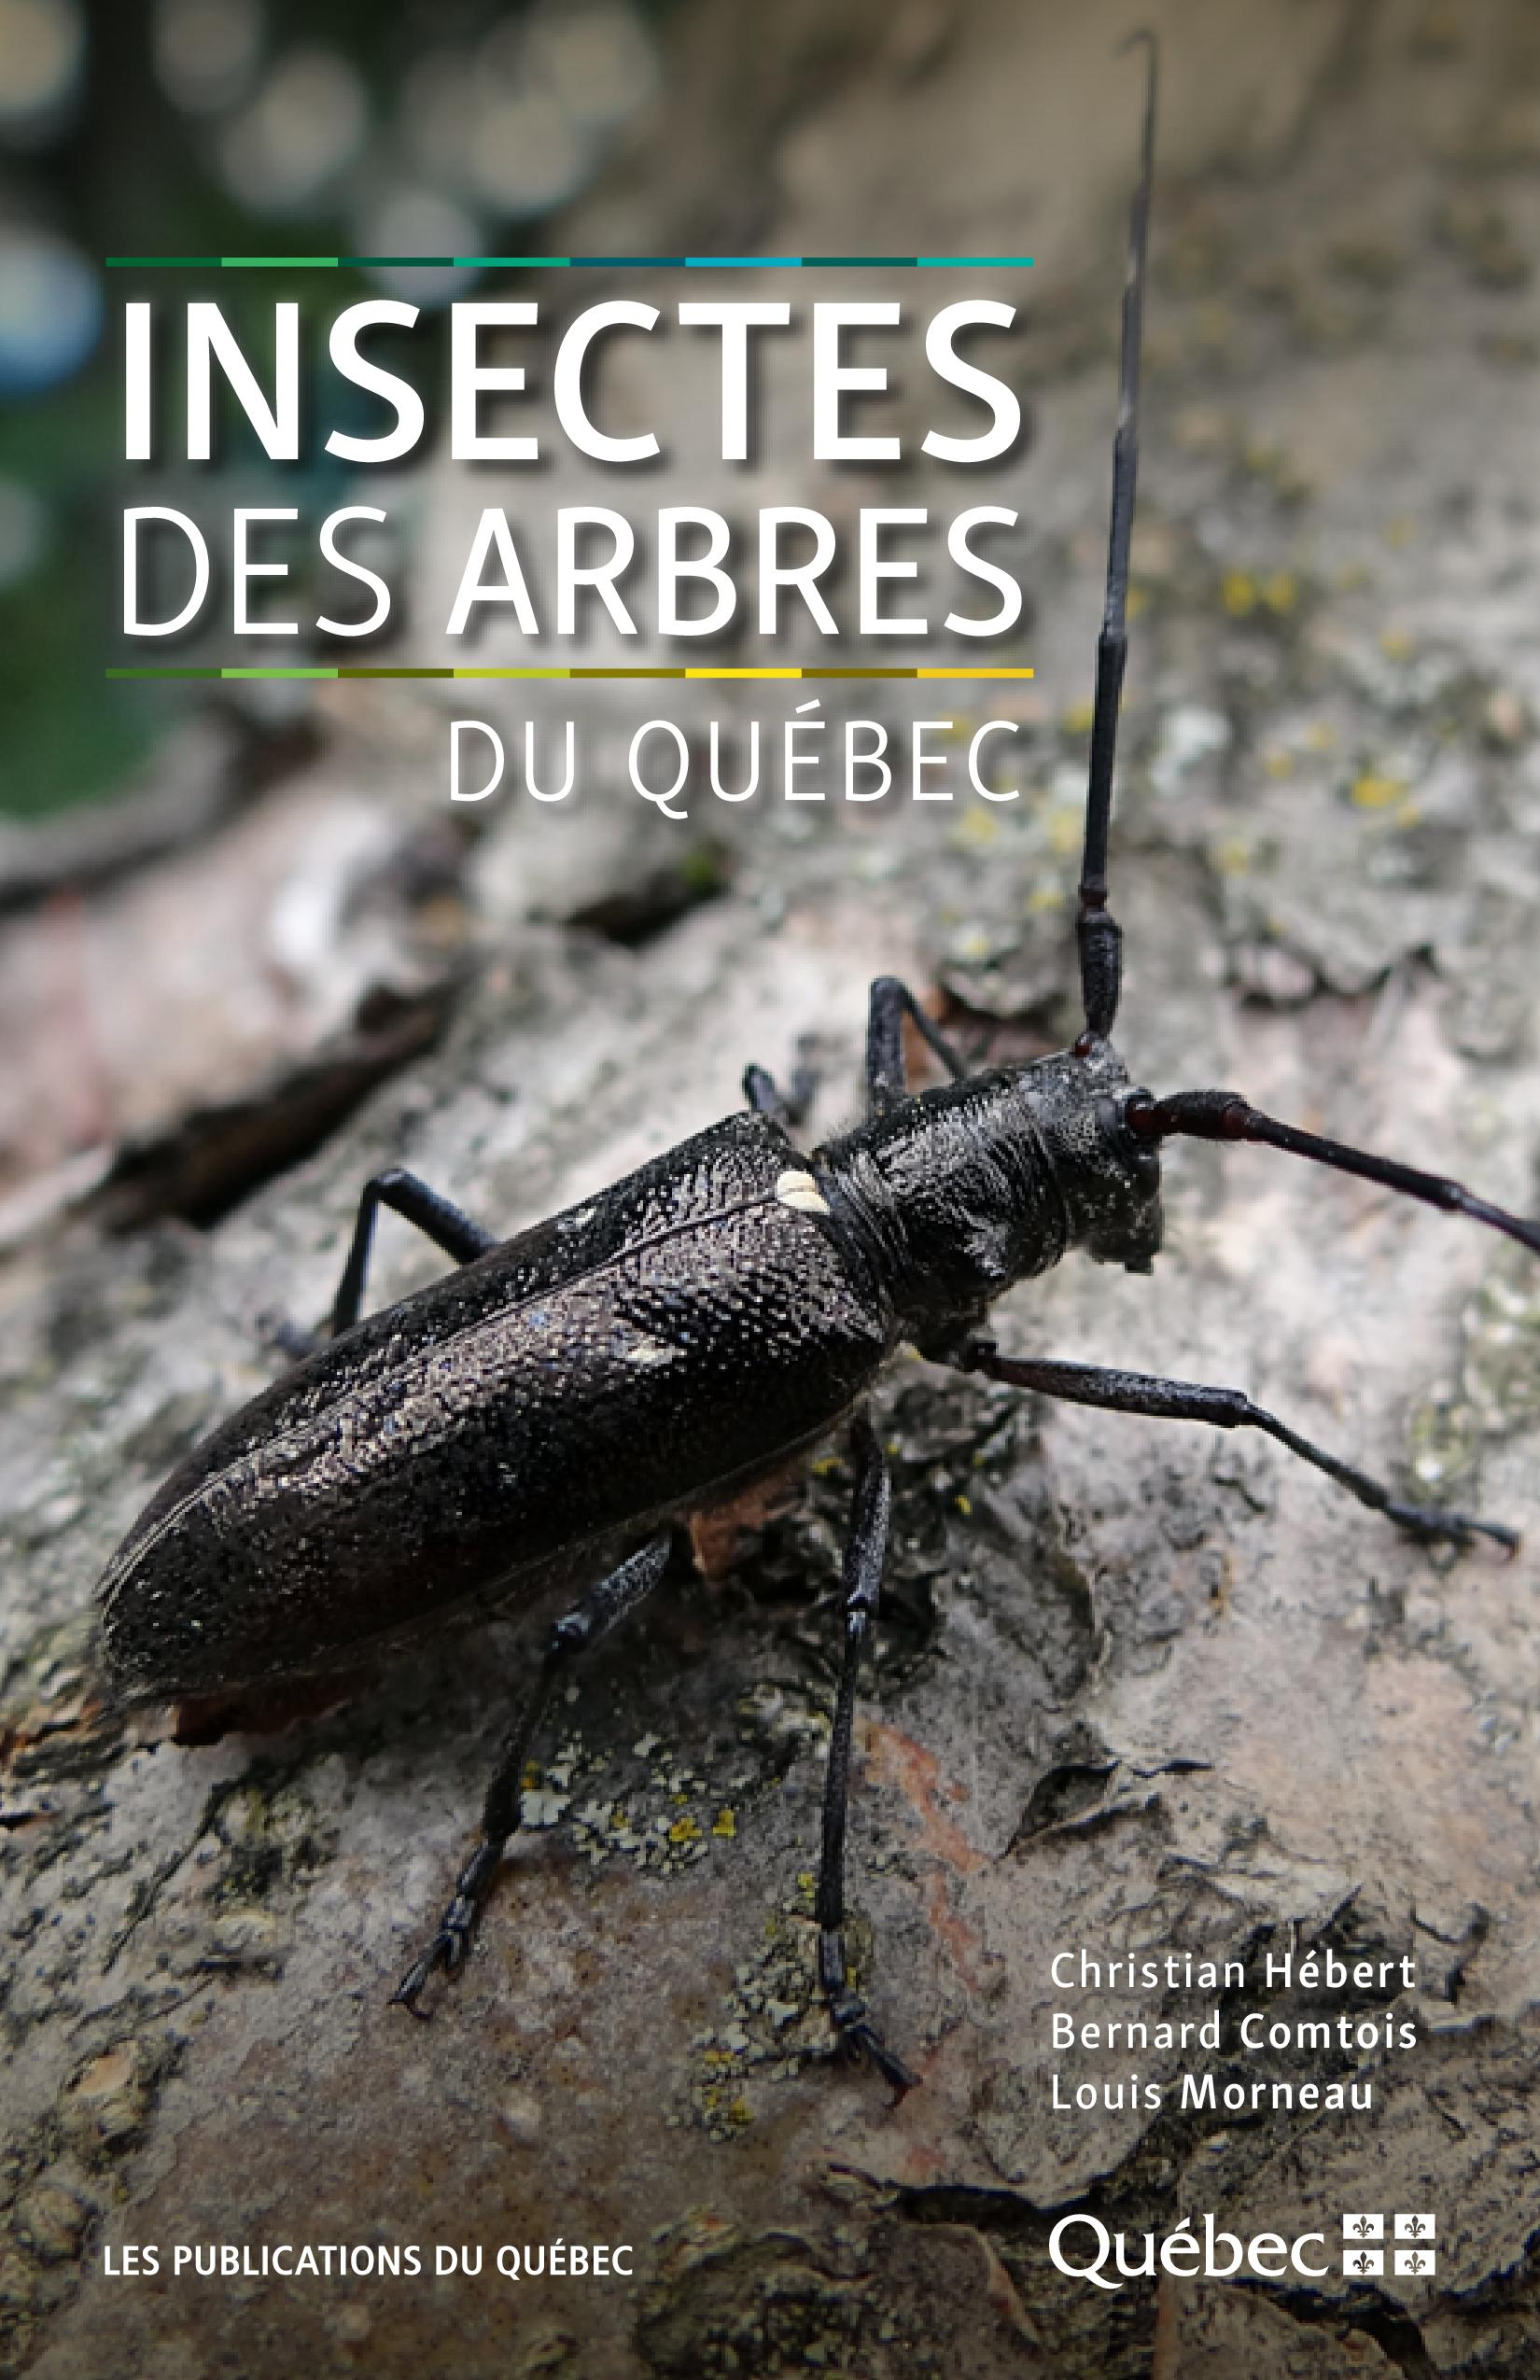 Insectes des arbres du Québec